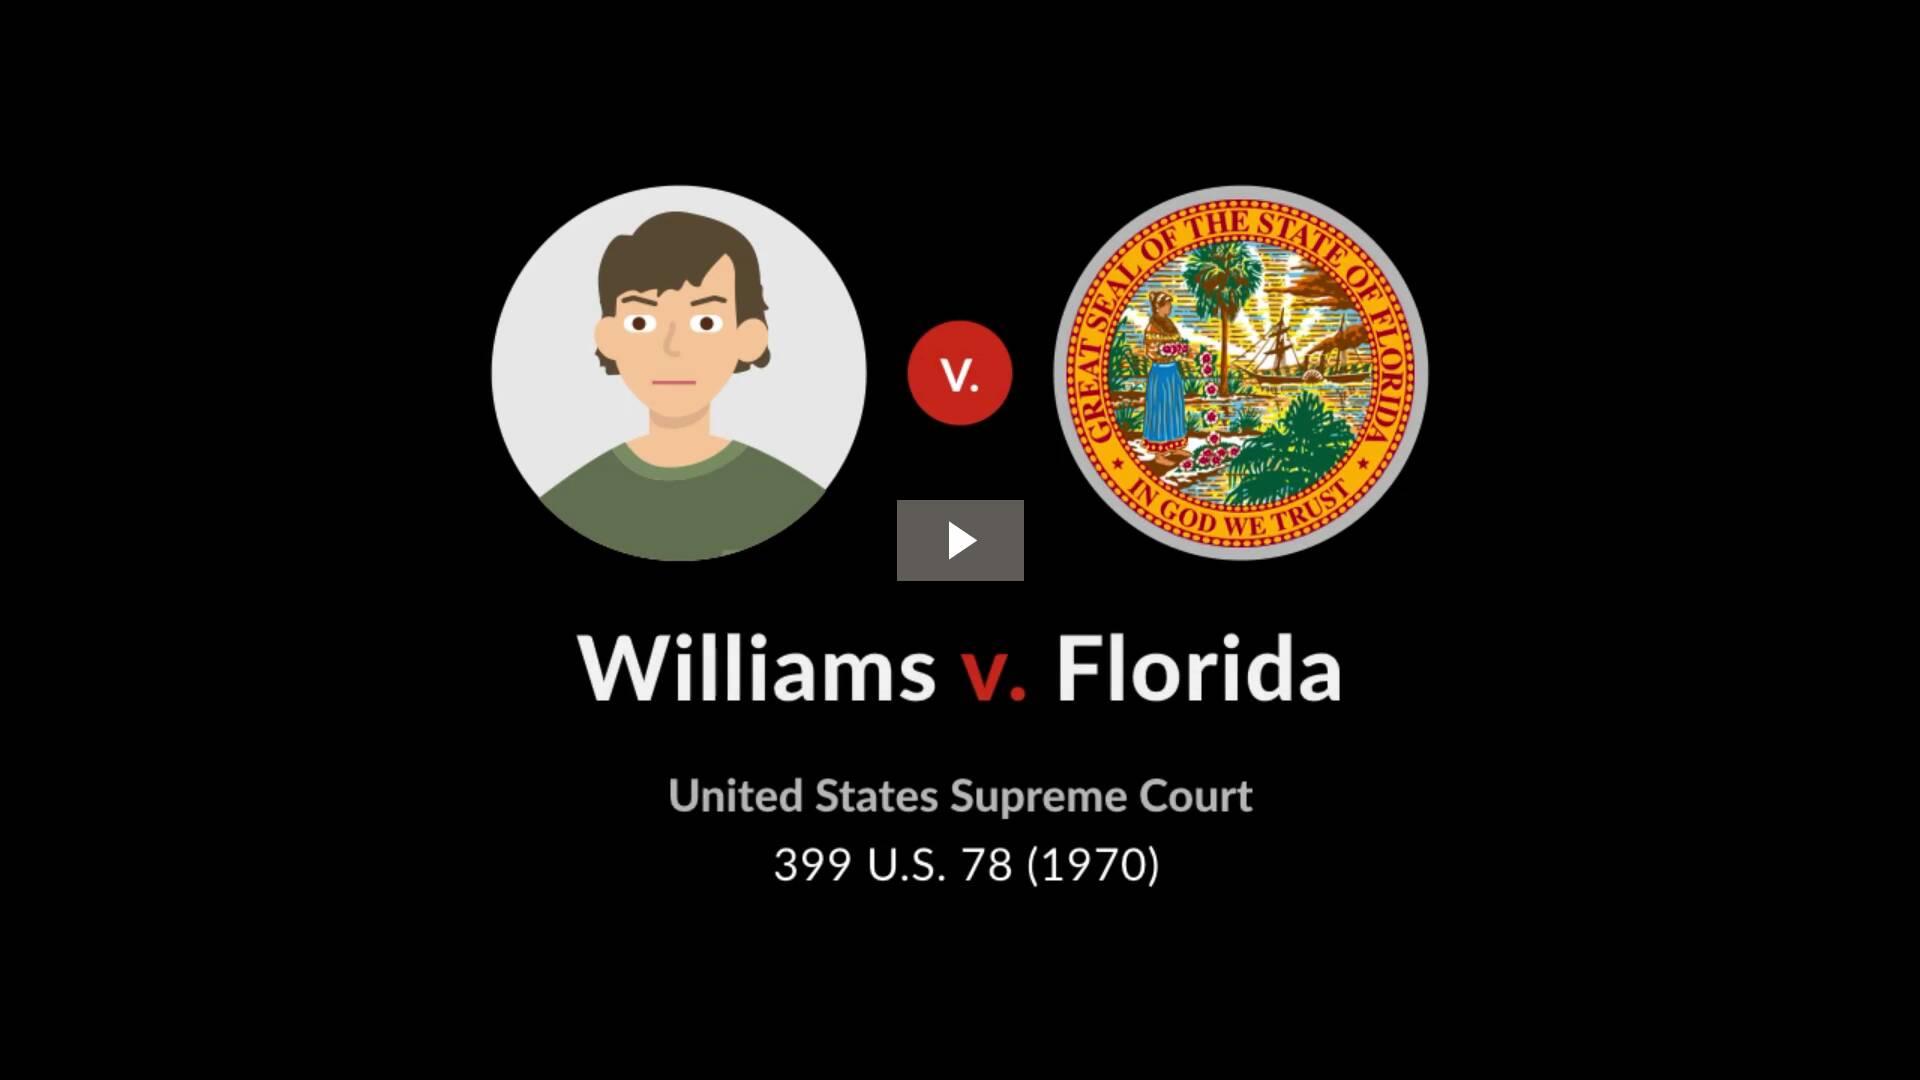 Williams v. Florida